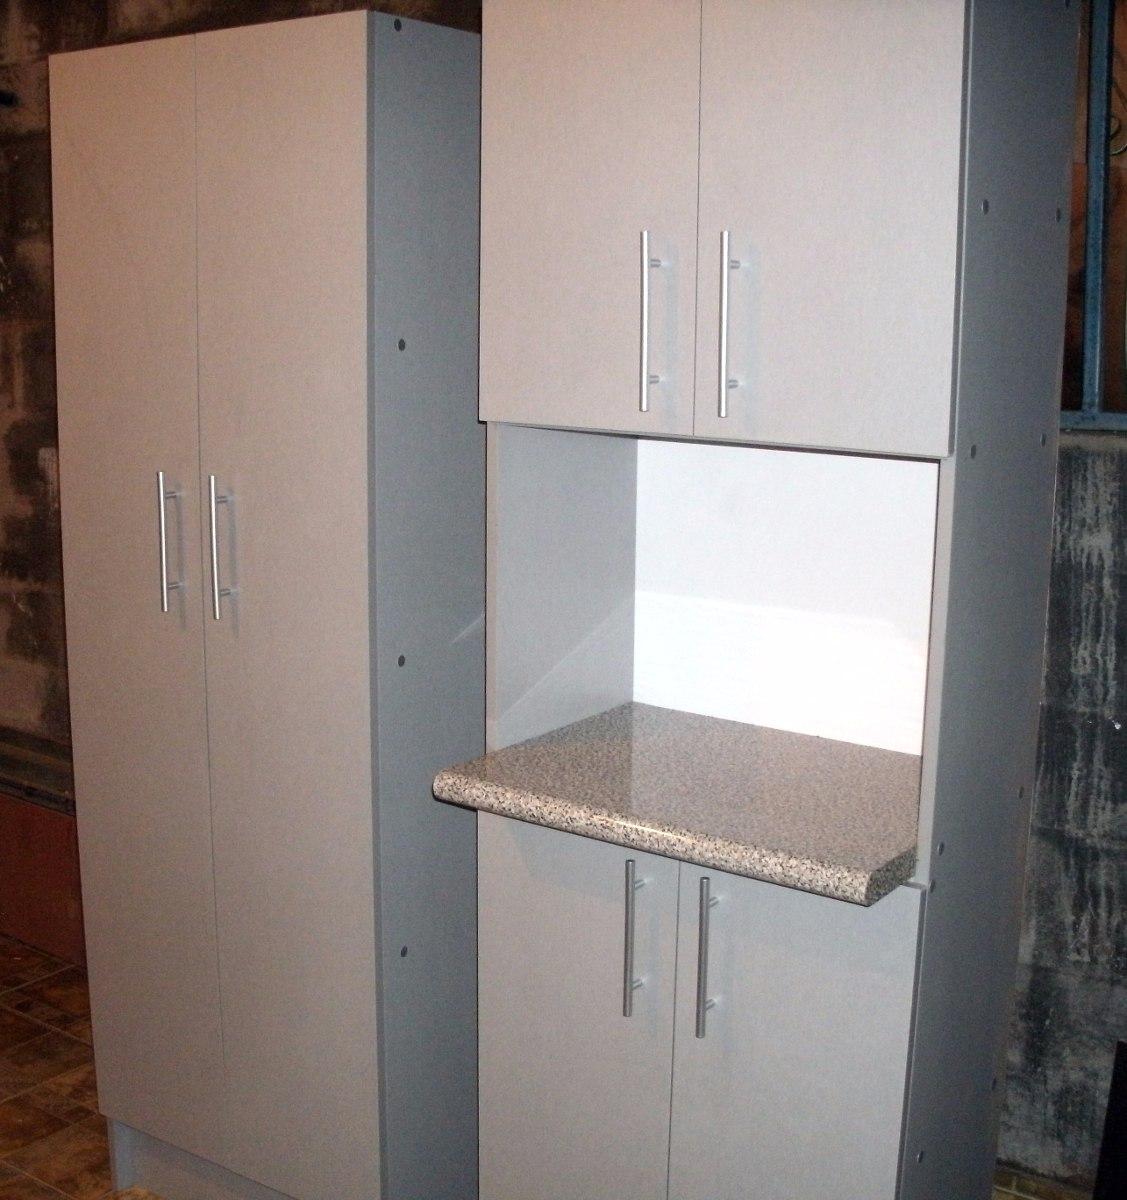 Alacenas gemelas oferta muebles de cocina 160 for Oferta muebles cocina